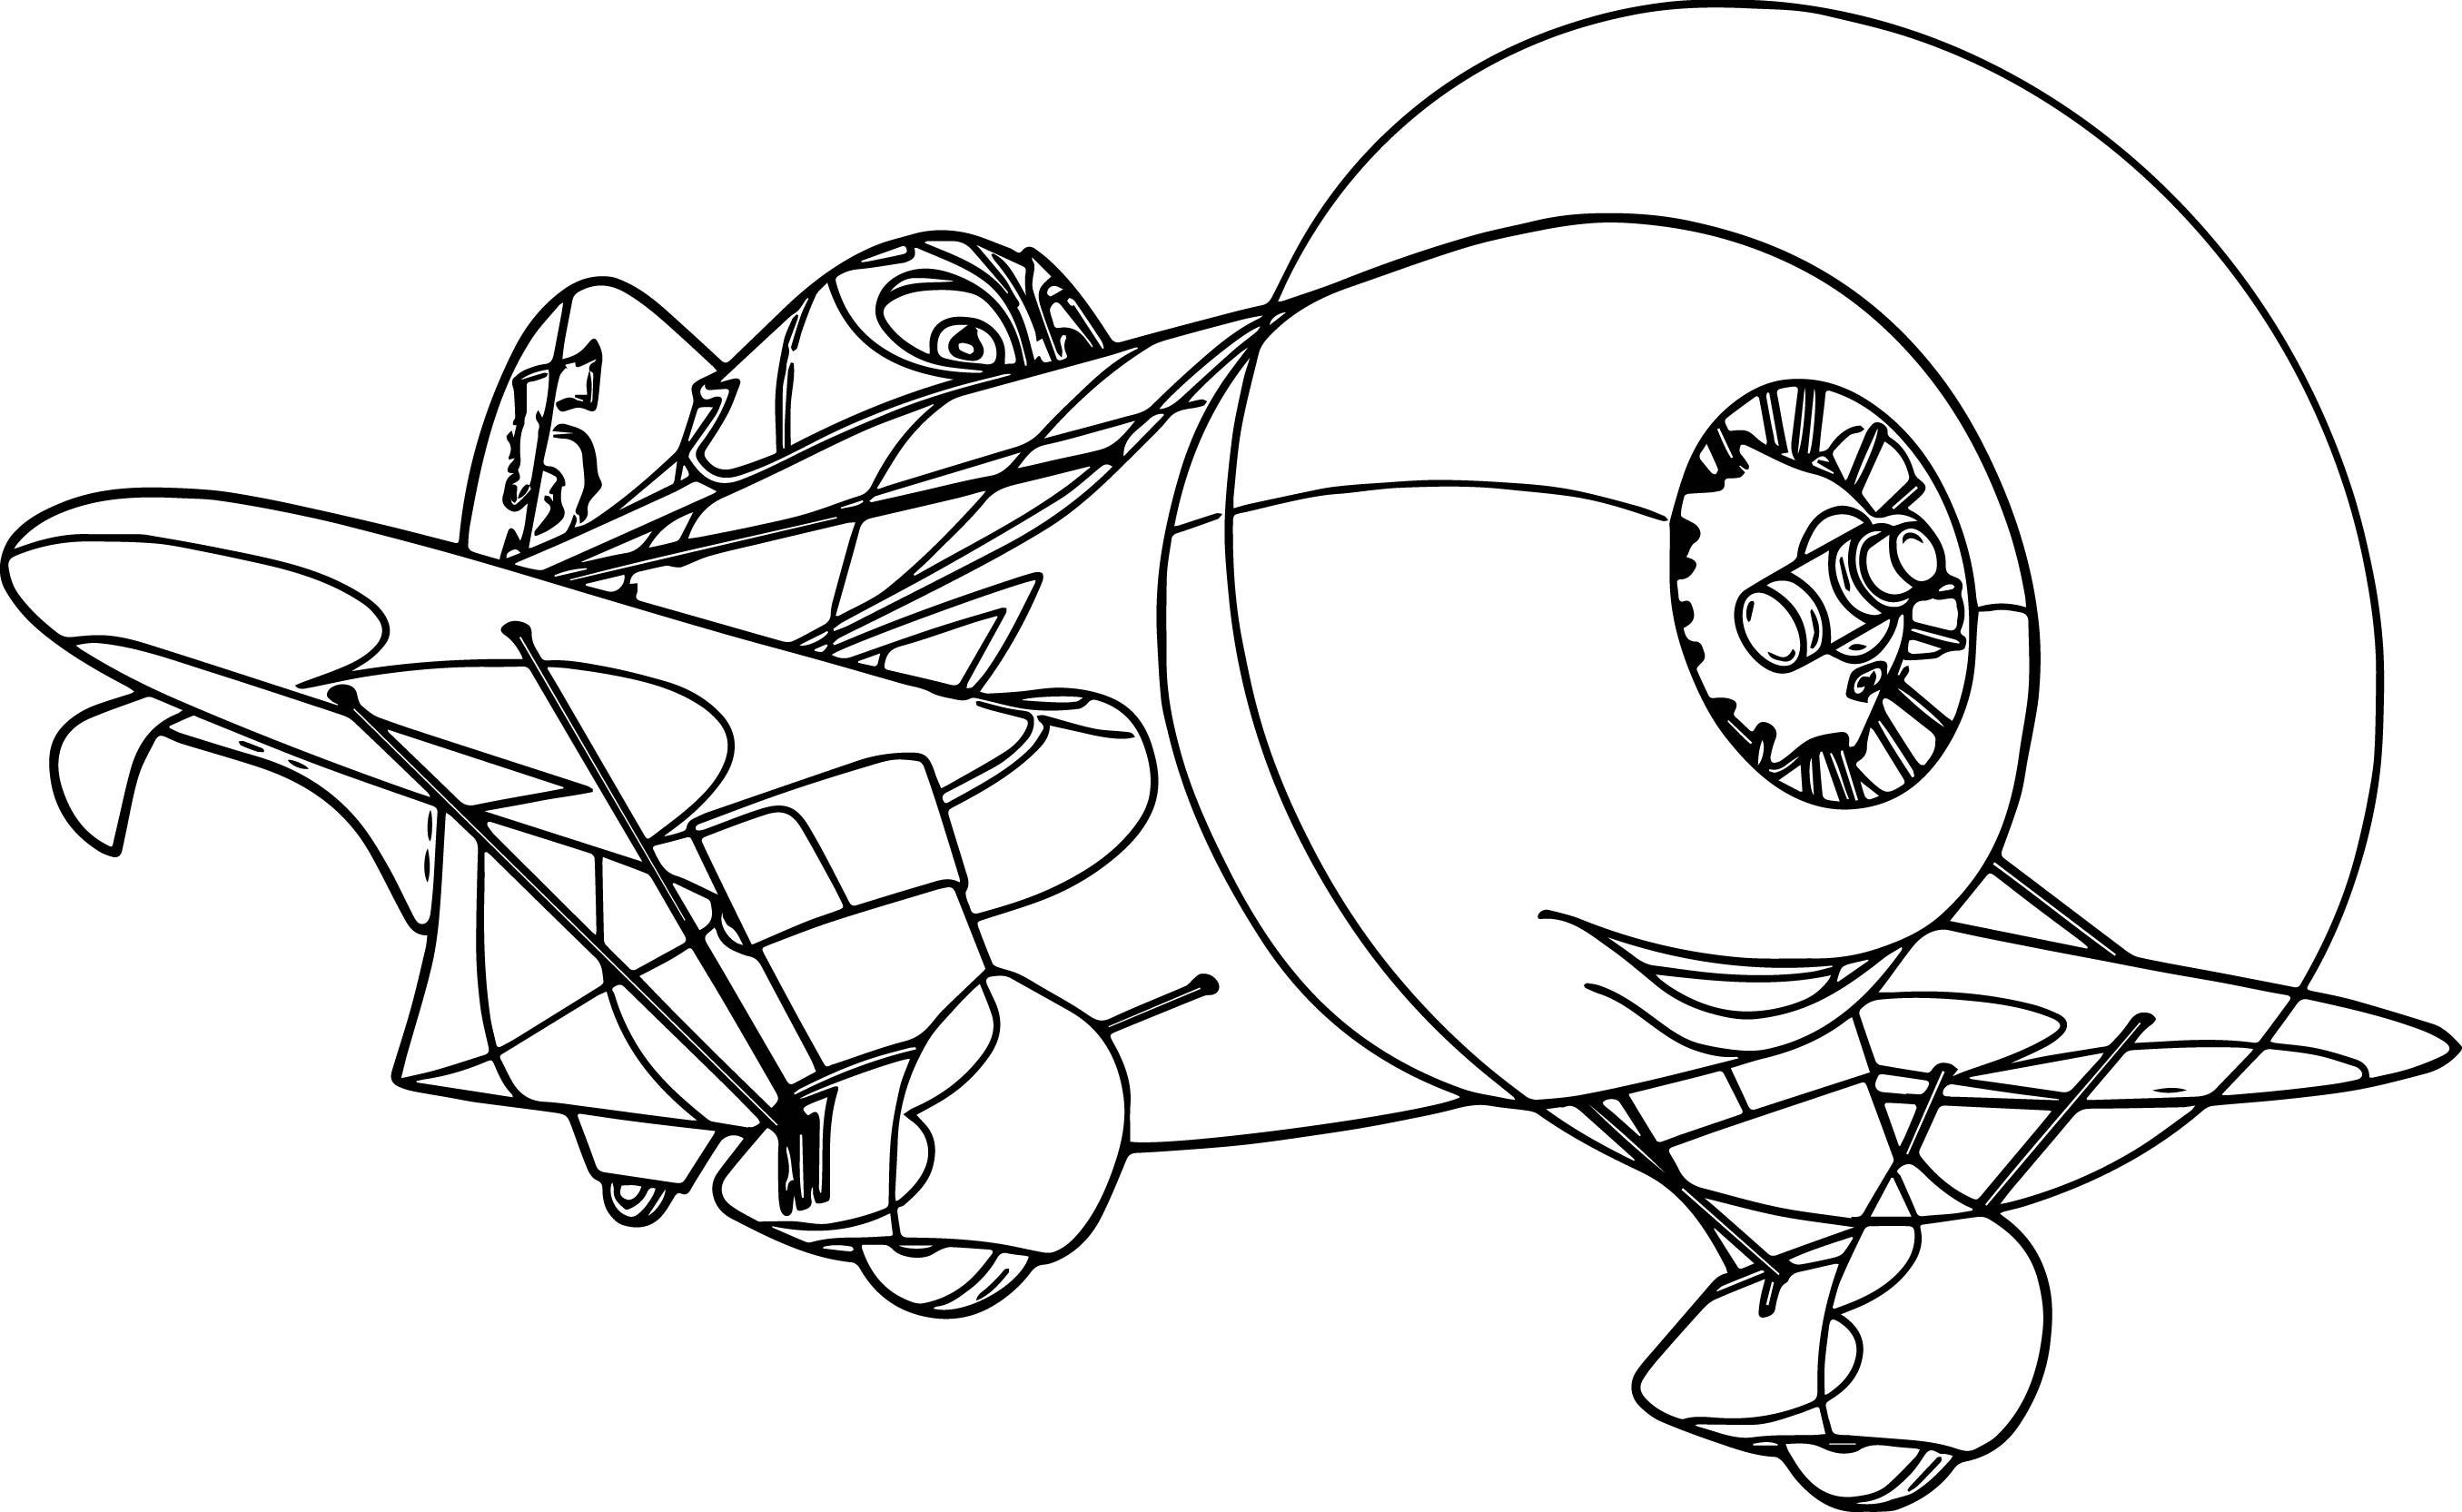 Disney Dusty Planes Elchupacabra Coloring Pages